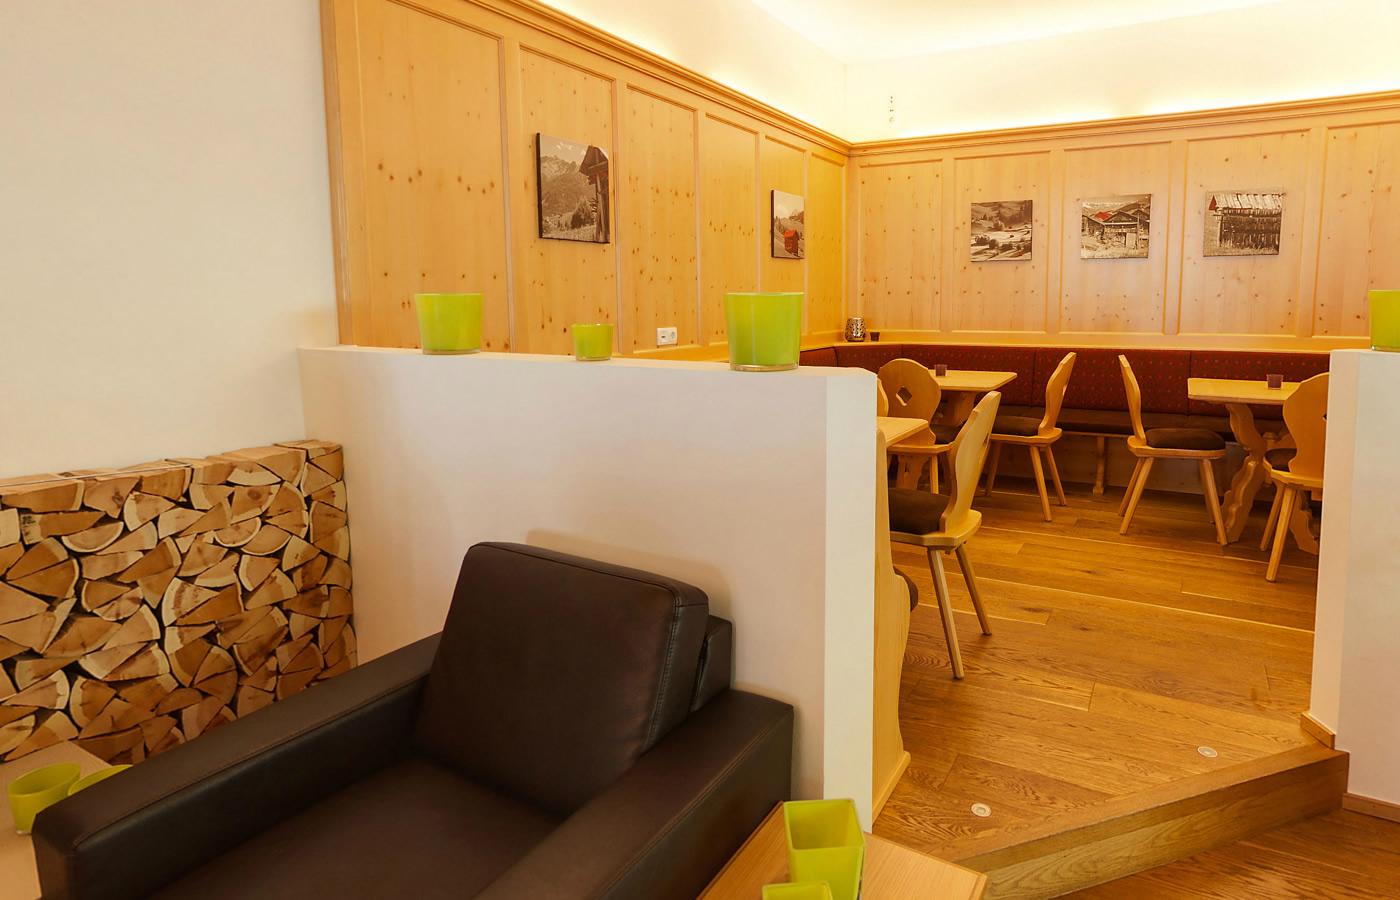 Tiroler Stuber - Hotel Natürlich in Fiss, Tirol.